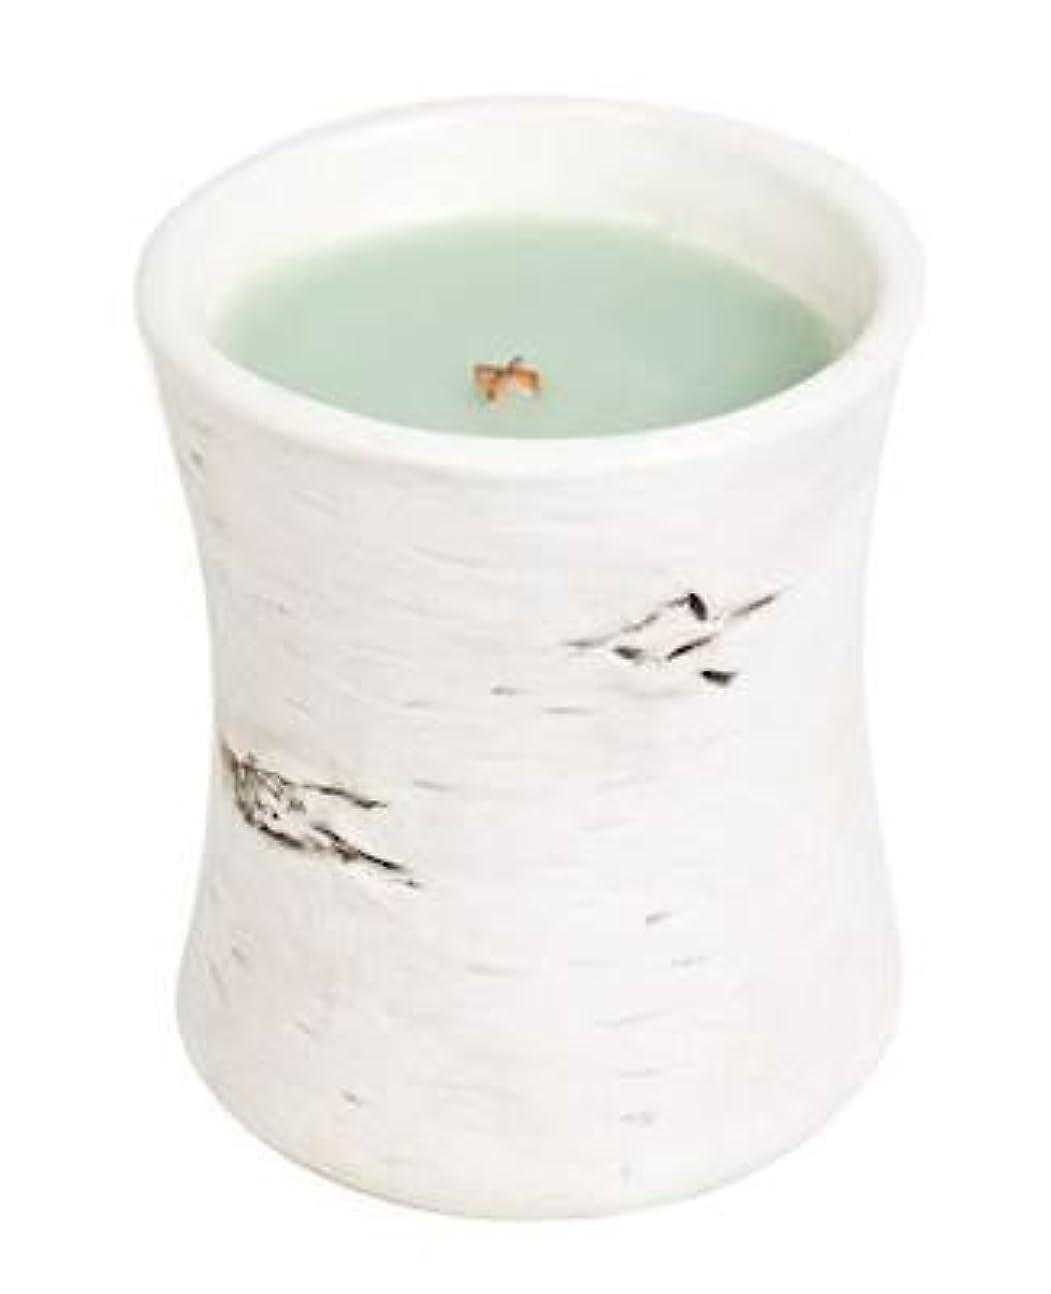 オープニング目指す孤独ホワイトWillow Moss?–?Birchセラミック砂時計Scented Candle by WoodWick